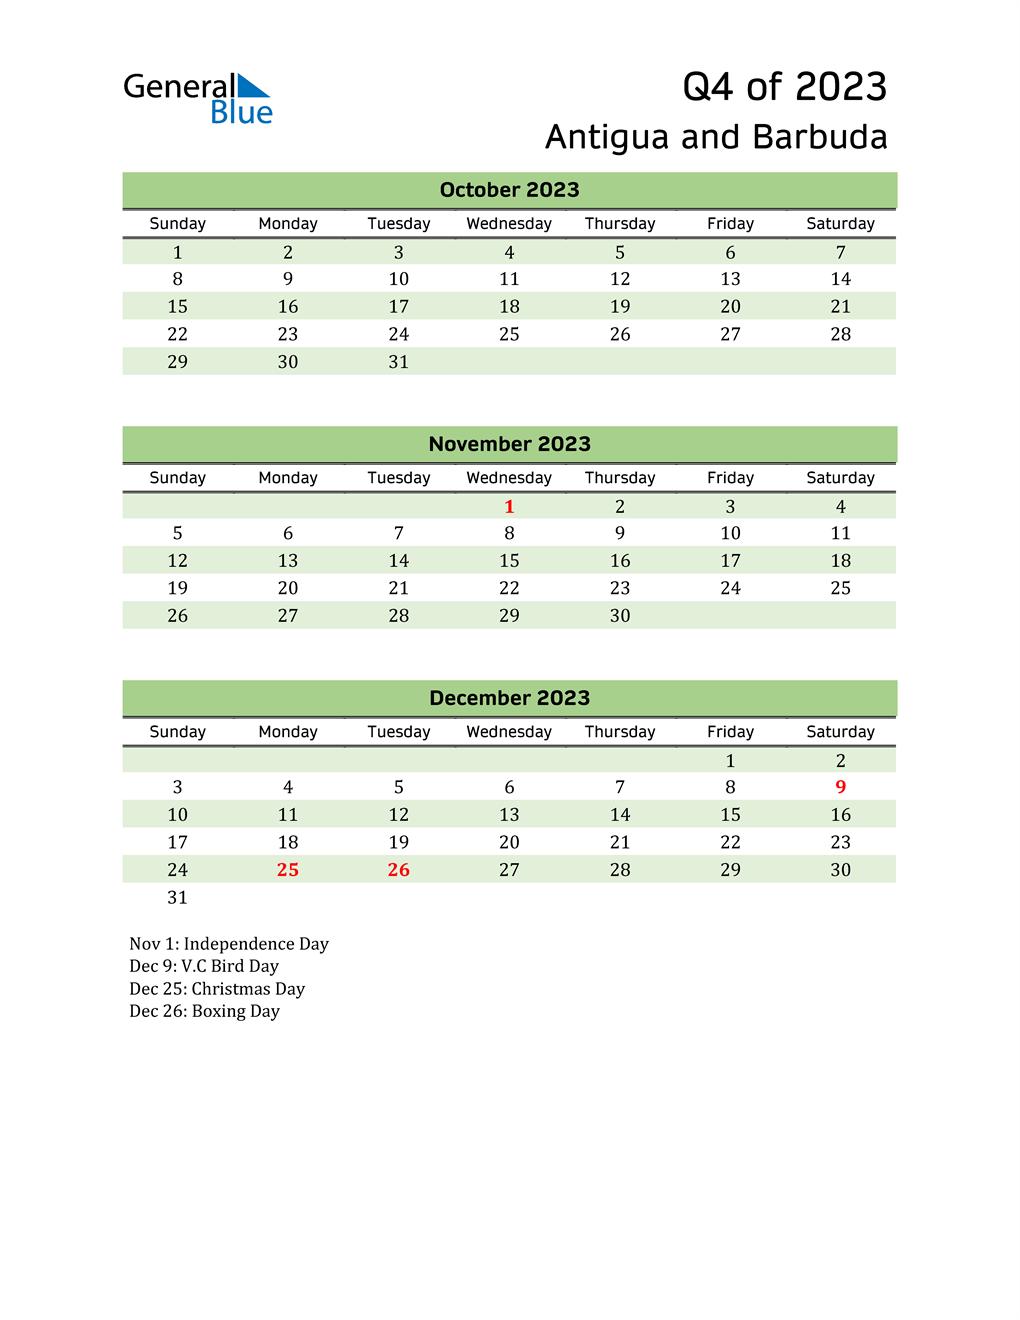 Quarterly Calendar 2023 with Antigua and Barbuda Holidays